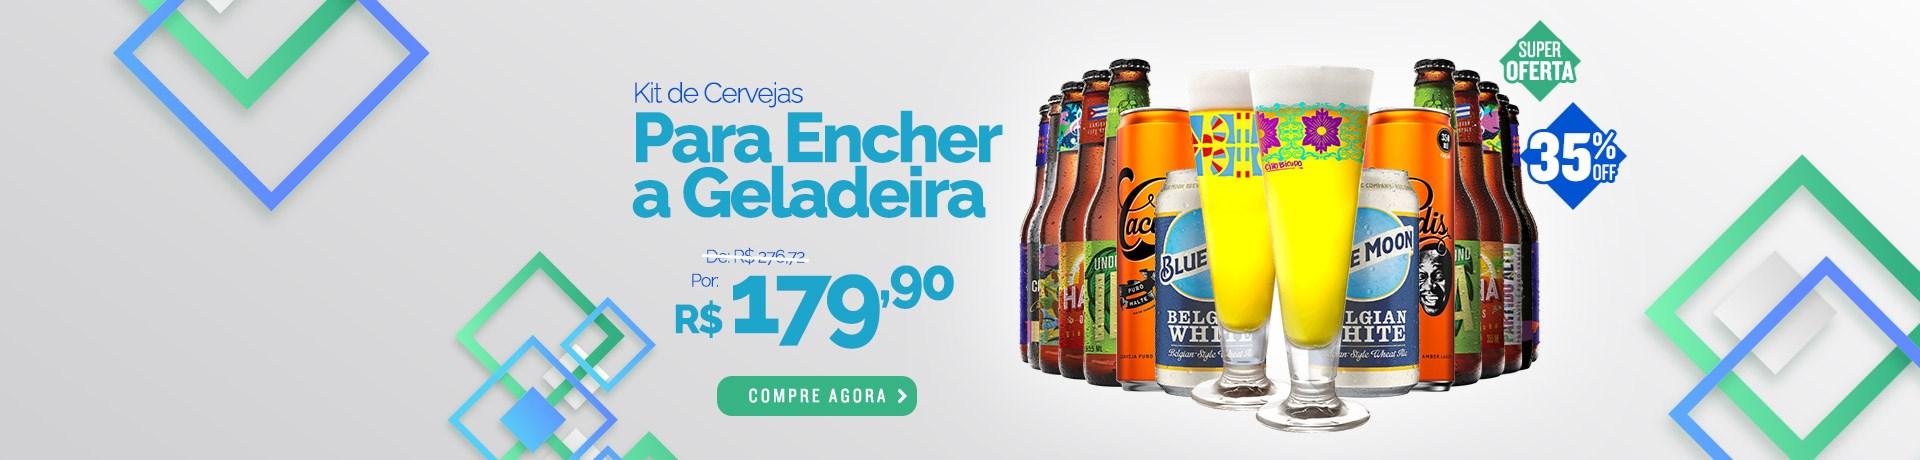 Kit para Encher a Geladeira - Banner Desktop Home